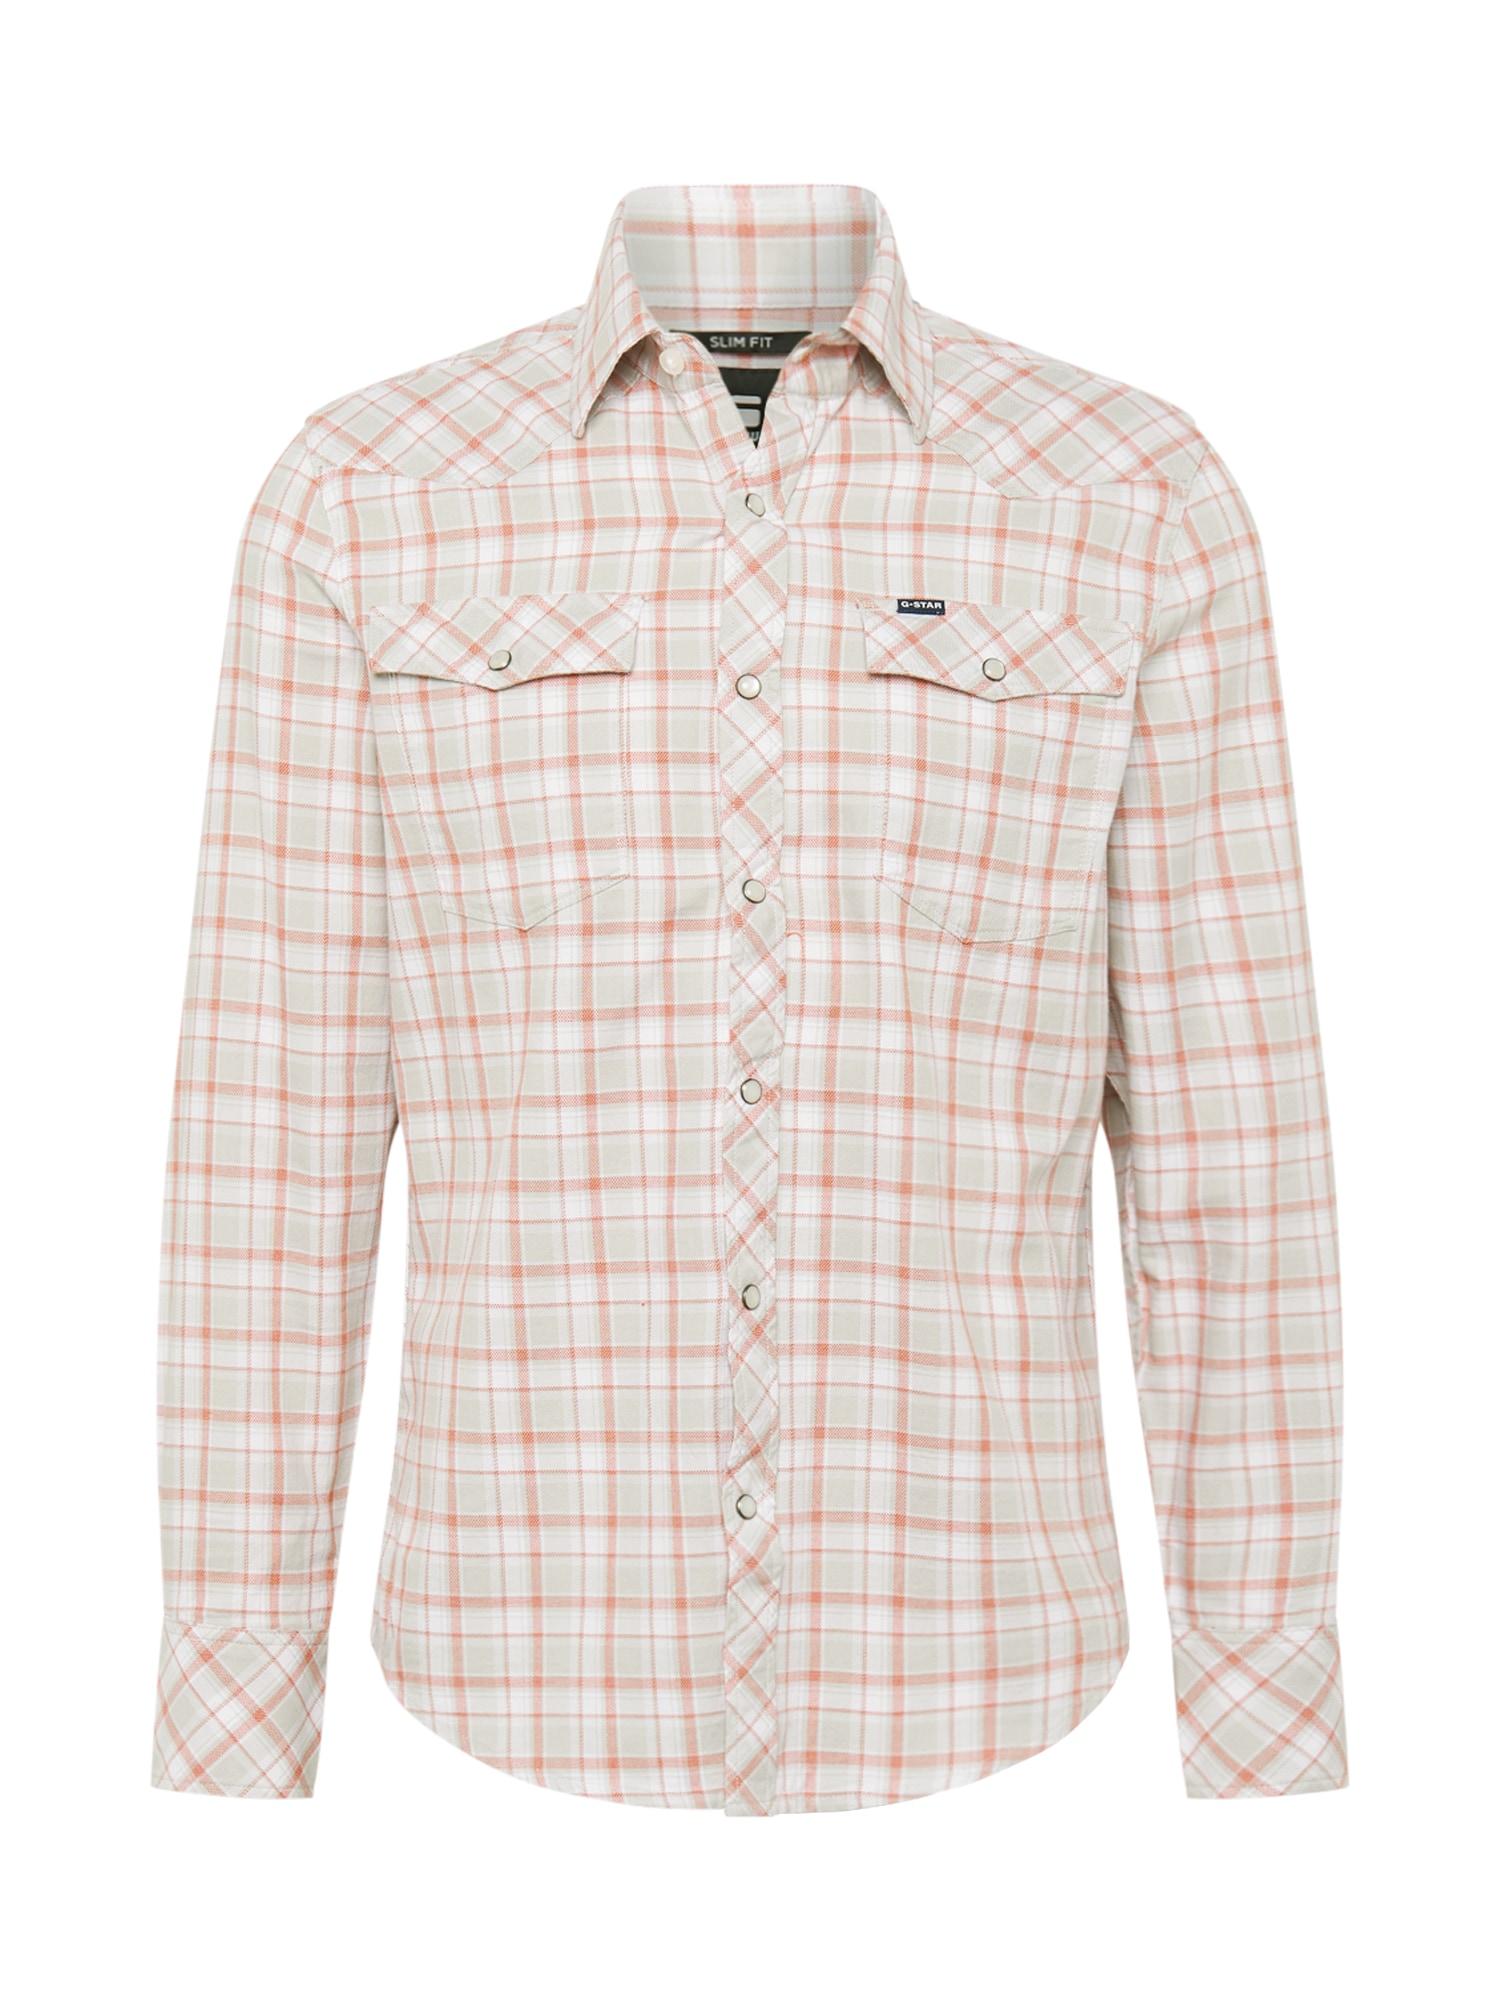 G-Star RAW Marškiniai balta / šviesiai pilka / lašišų spalva